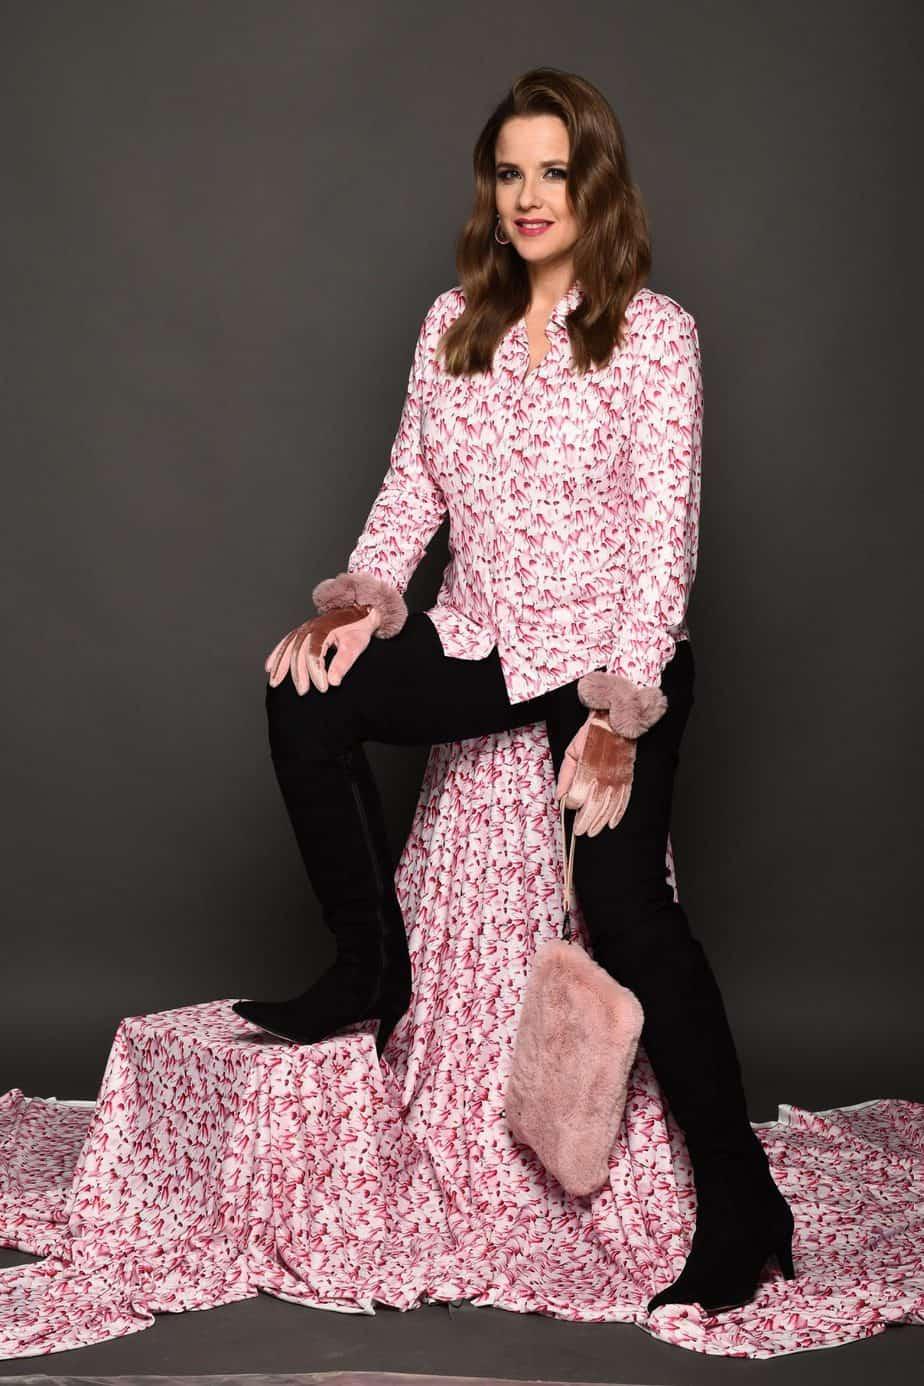 פאולה רוזנברג, רעומה חולצת רקפת ומכנסיים גליה צלם צחי ואזנה